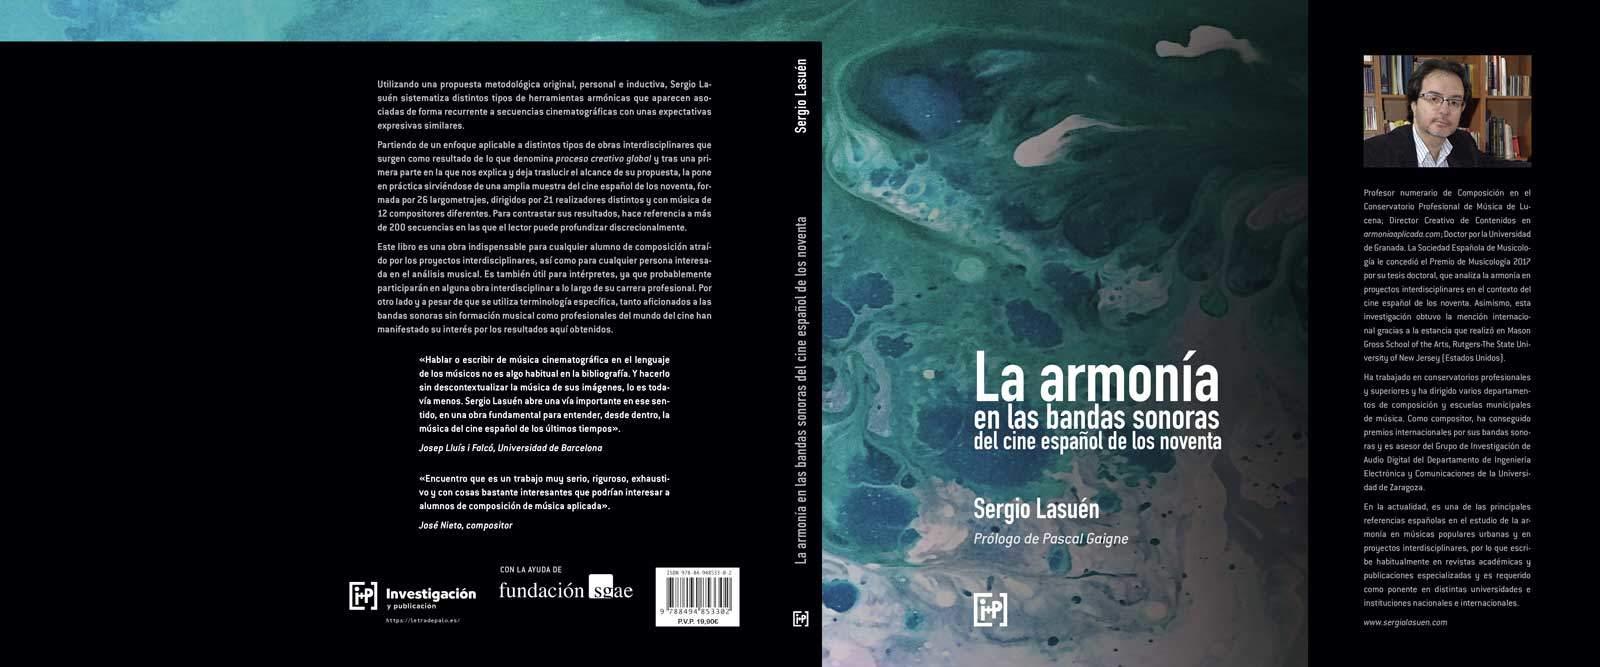 La armonía en las bandas sonoras del cine español de los noventa - cubierta